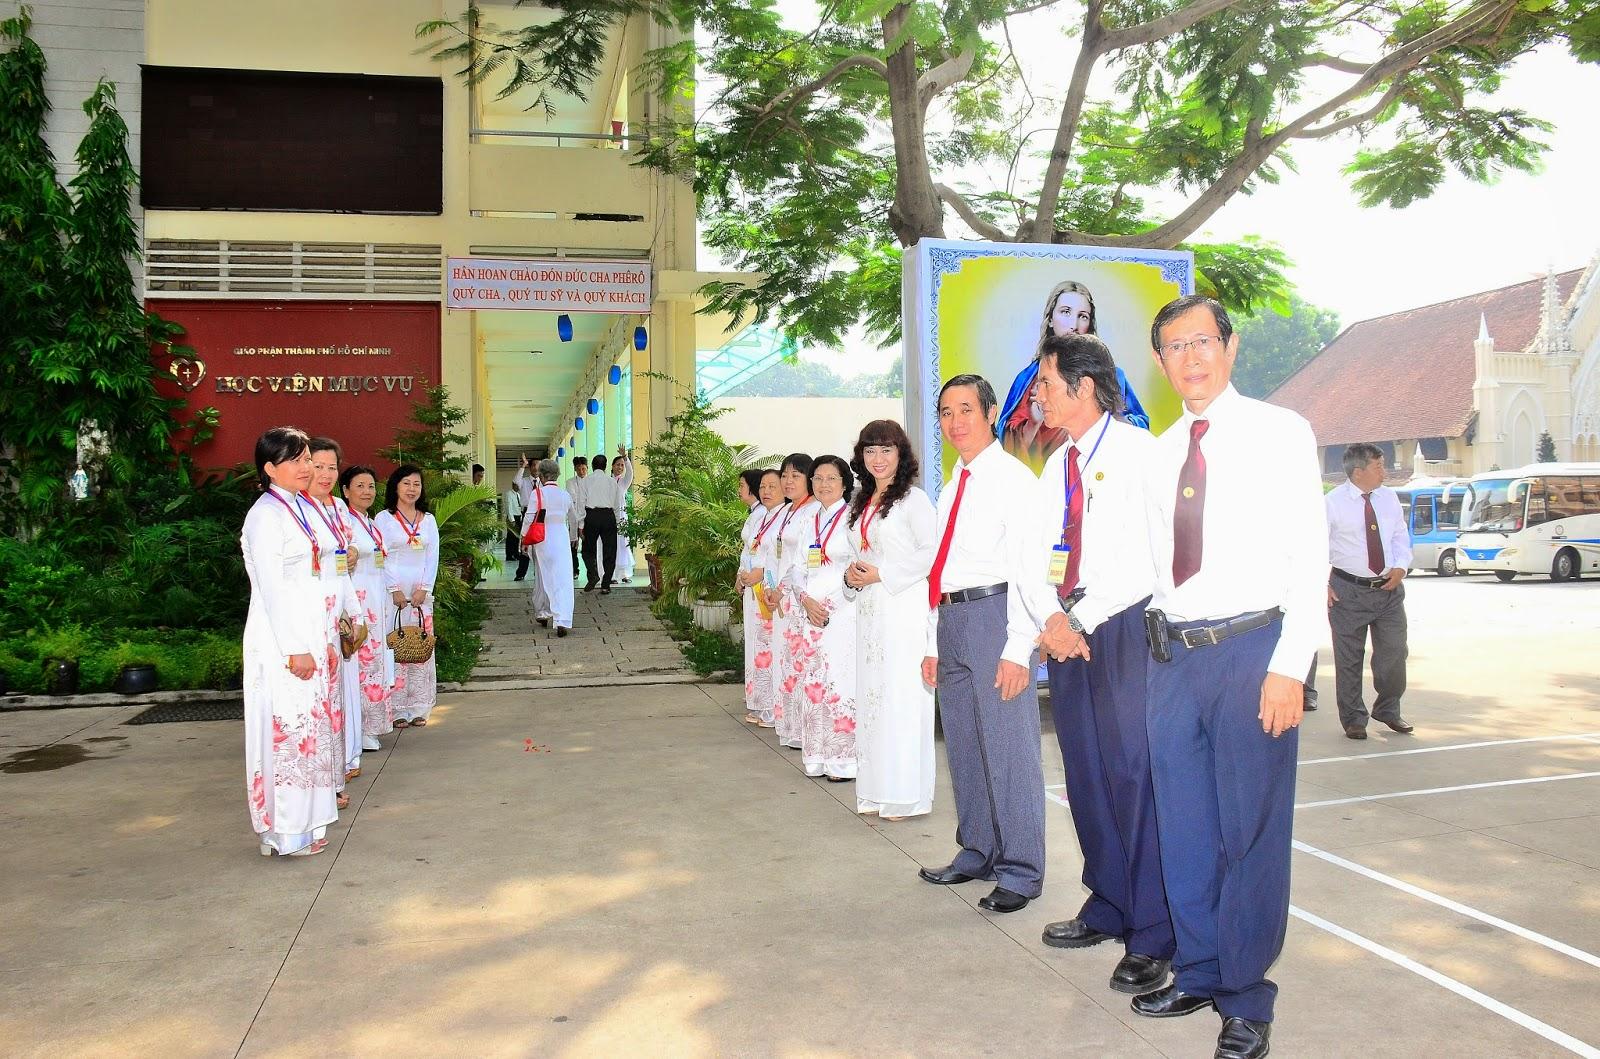 Gia Đình Phạt Tạ Thánh Tâm Tổng Giáo Phận : Mừng Bổn Mạng